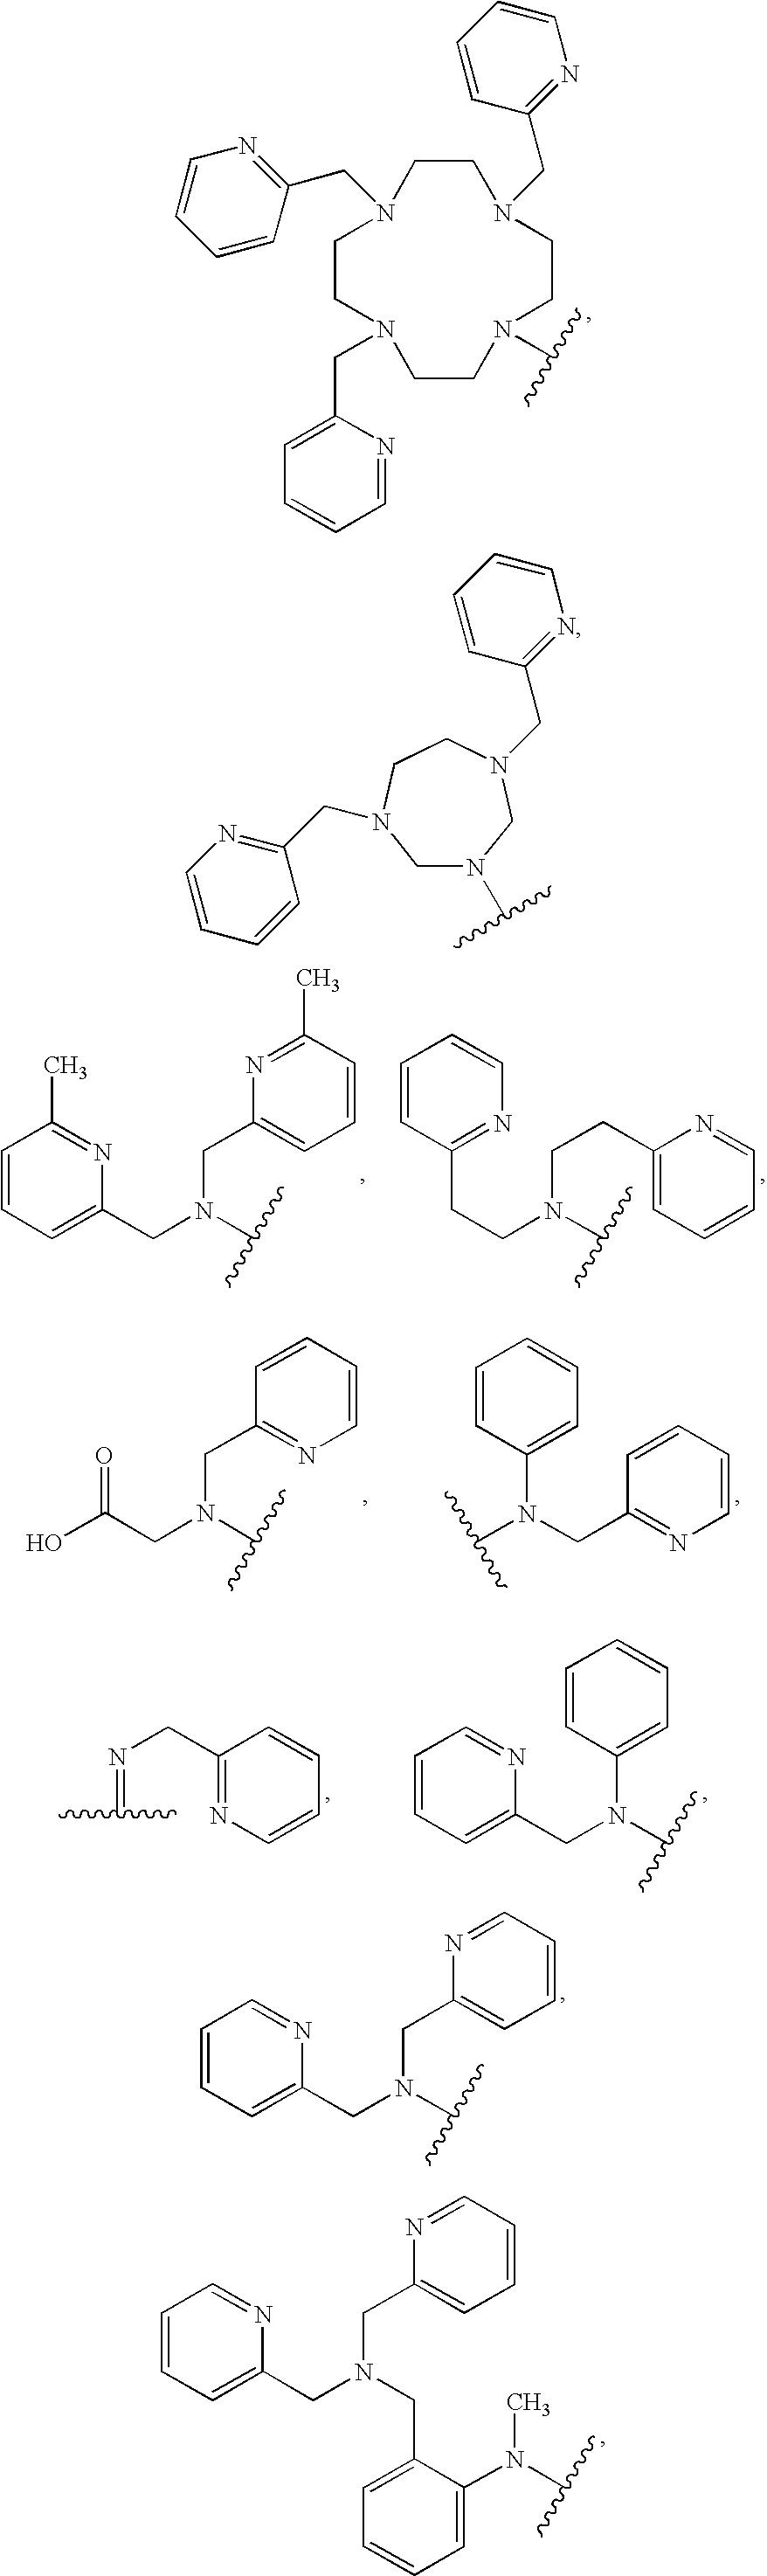 Figure US07488820-20090210-C00026